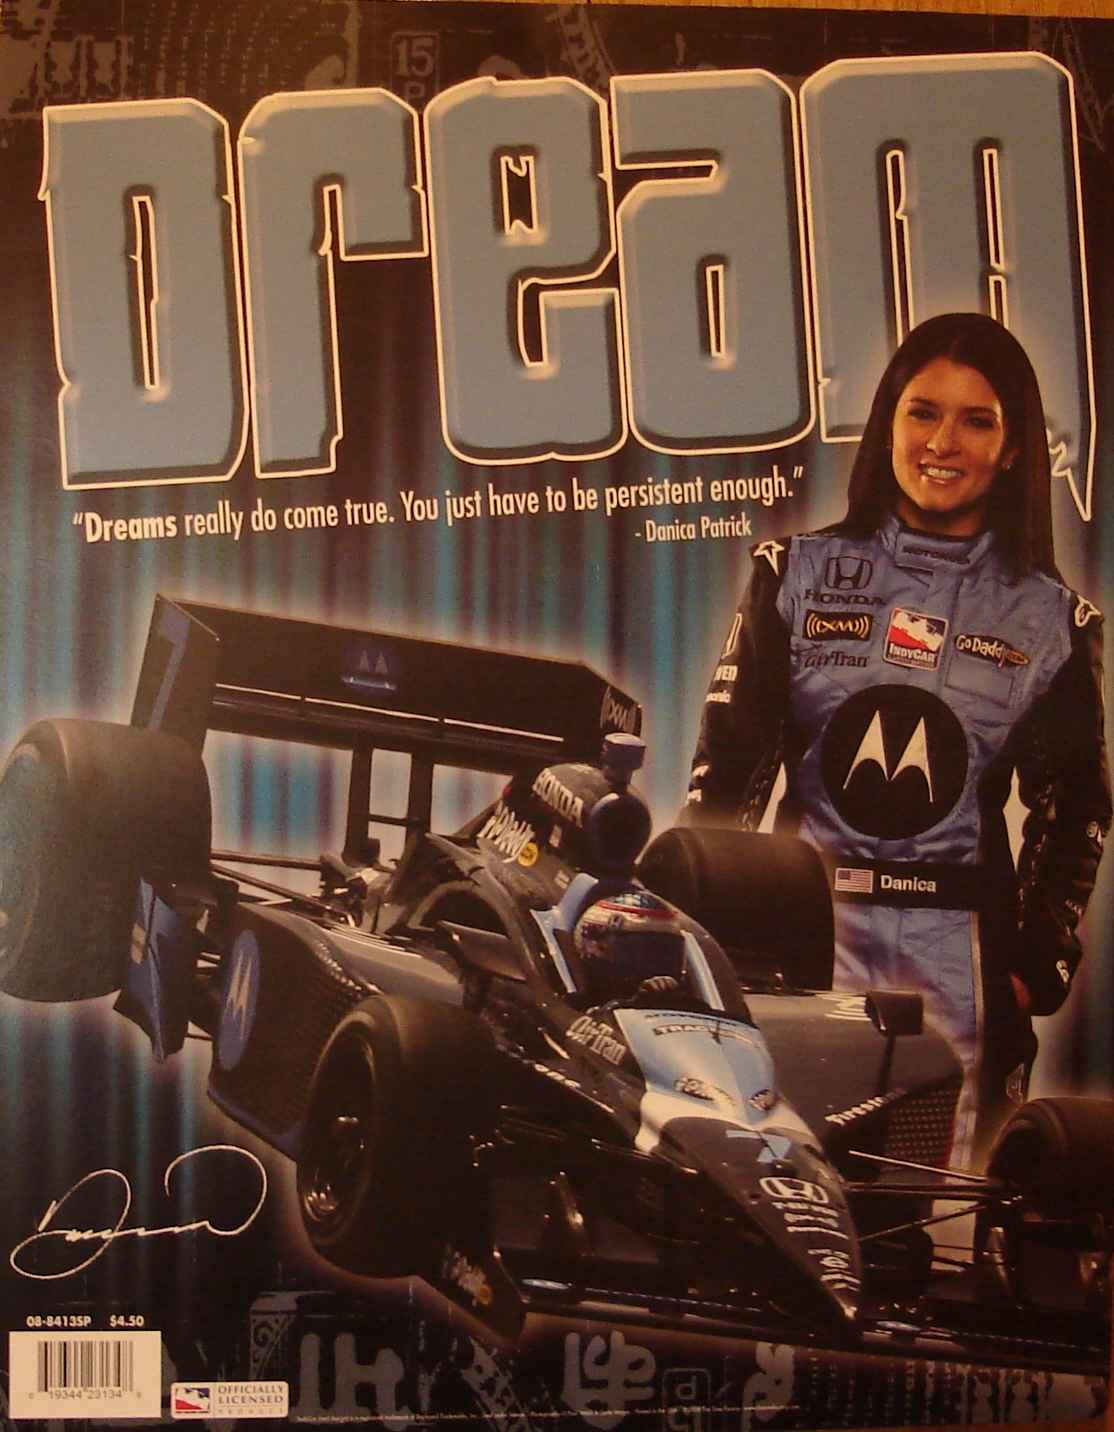 Danica Dream poster